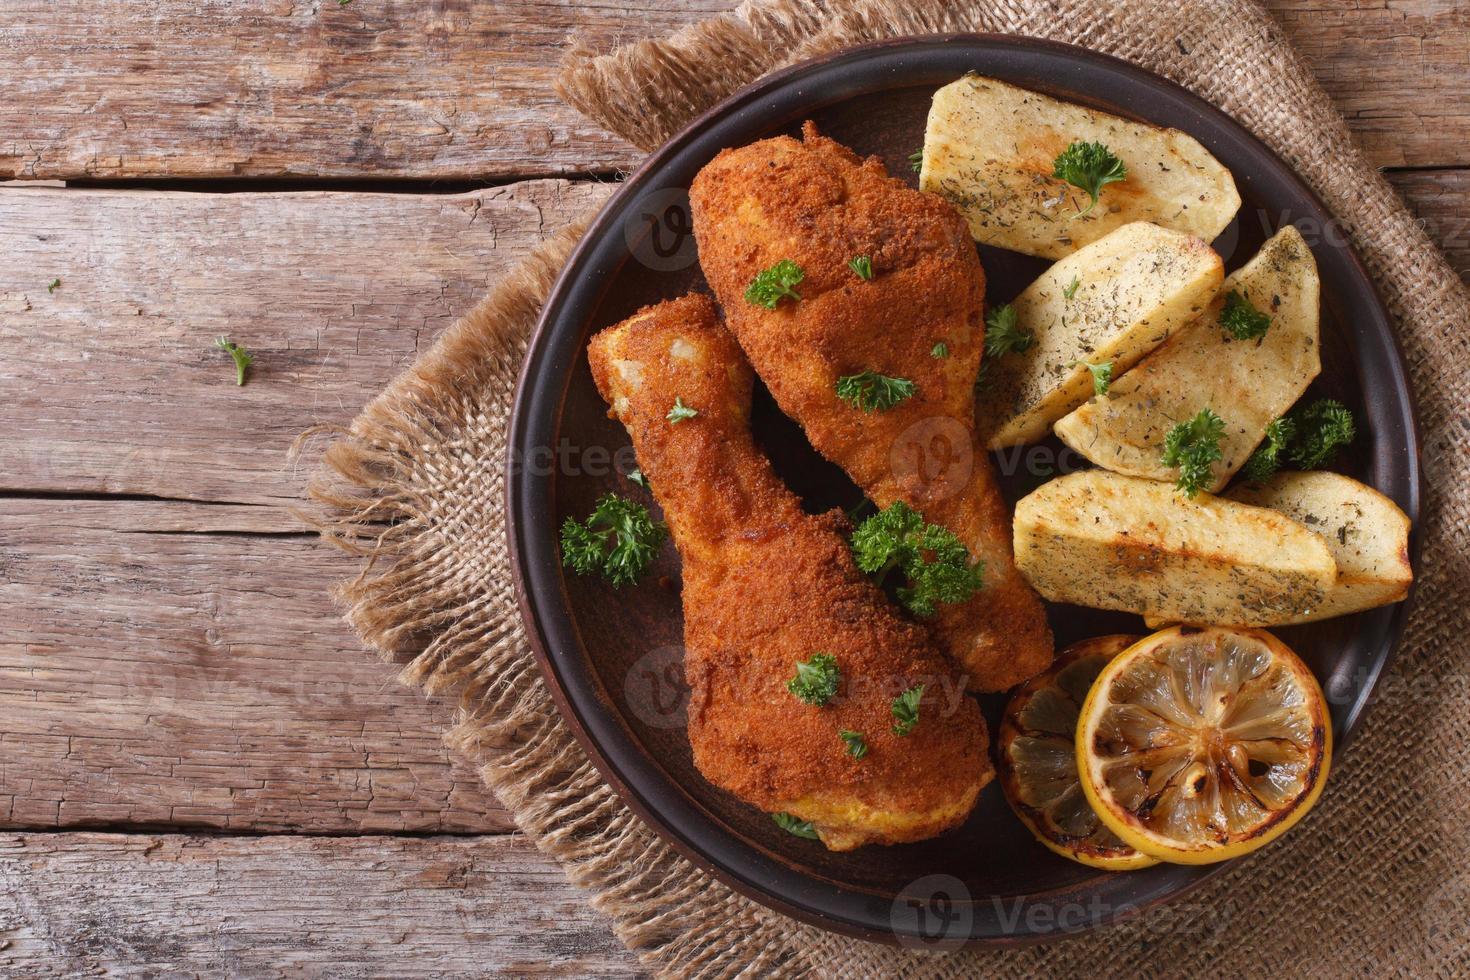 cuisses de poulet dans la pâte, avec pommes de terre sur plaque gros plan. Haut photo